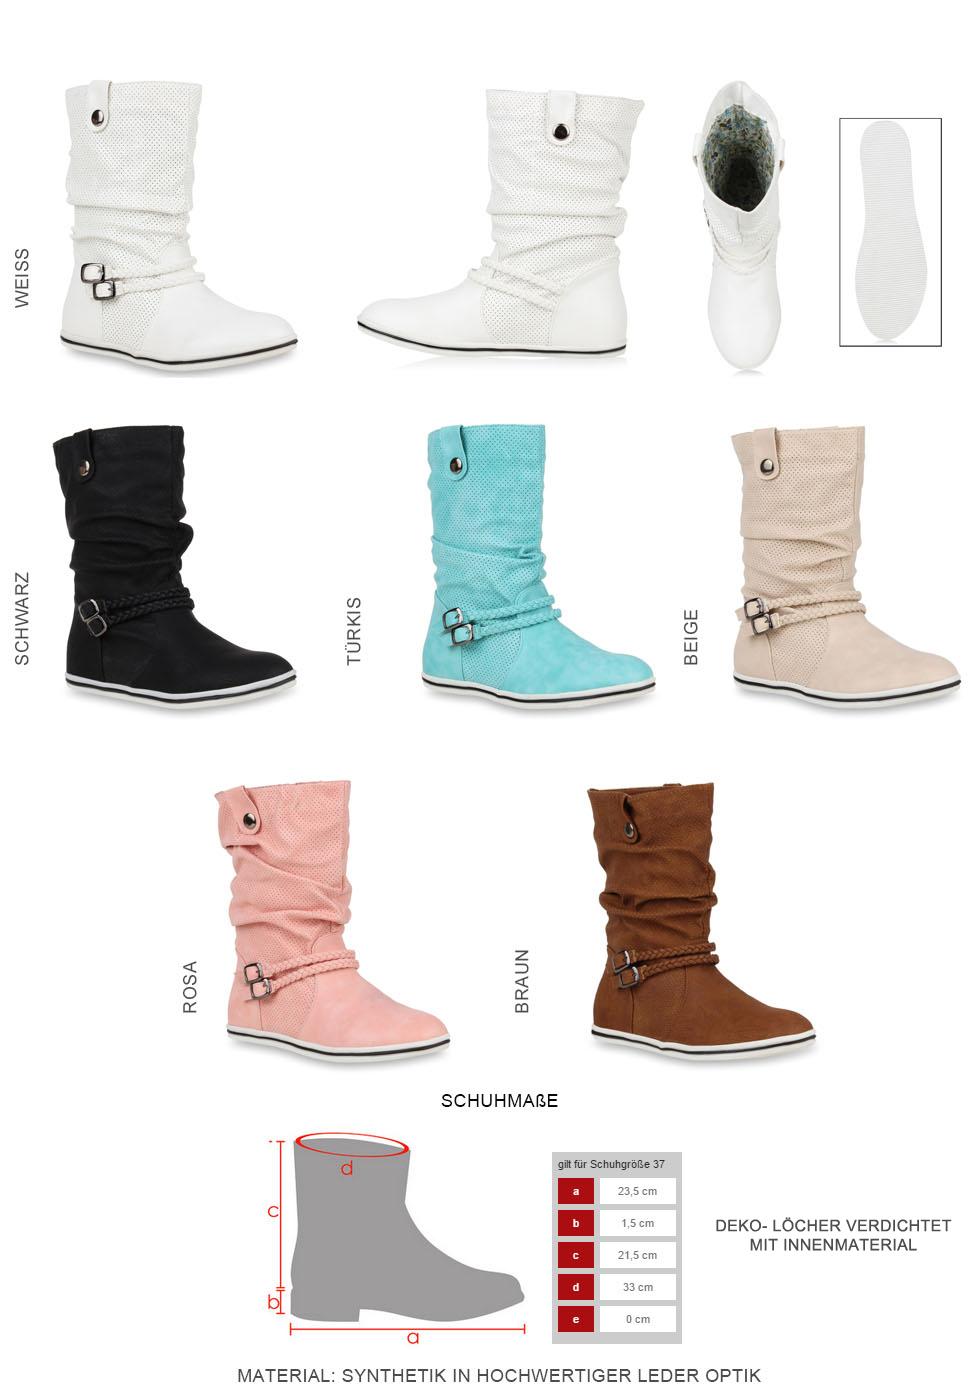 Bequeme Damen Stiefel Flache Schlupfstiefel 70991 Boots Gr 36-41 Schuhe